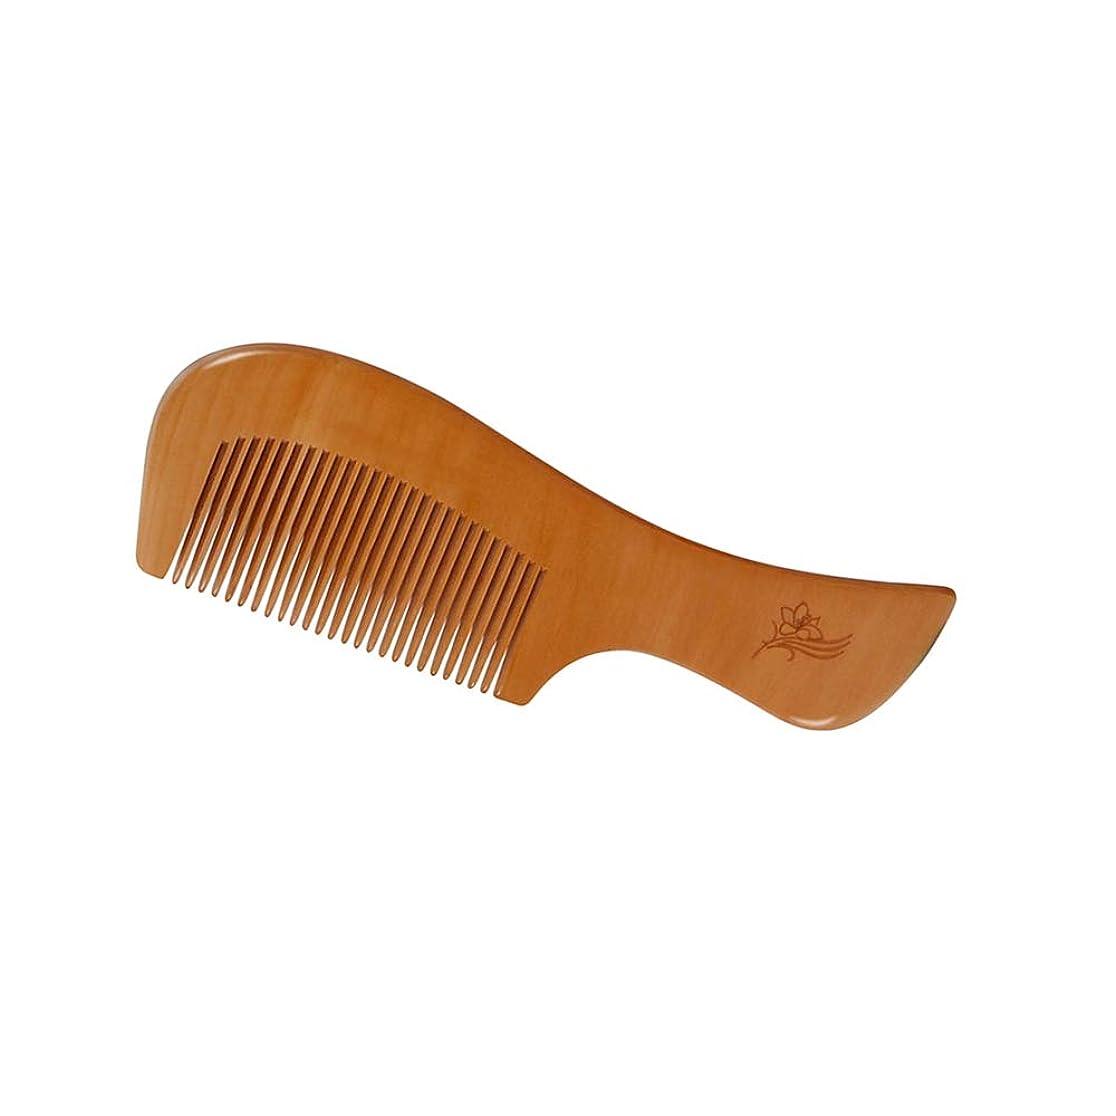 ずっと放棄された隣人ヘアーコーム ヘアブラシ、ナチュラルピーチウッドコーム、エアバッグマッサージコーム、男性用女性および子供用、タングル、長髪、厚い、カーリー、波打ち、乾燥および損傷した髪用のヘアブラシスタイル 理髪の櫛